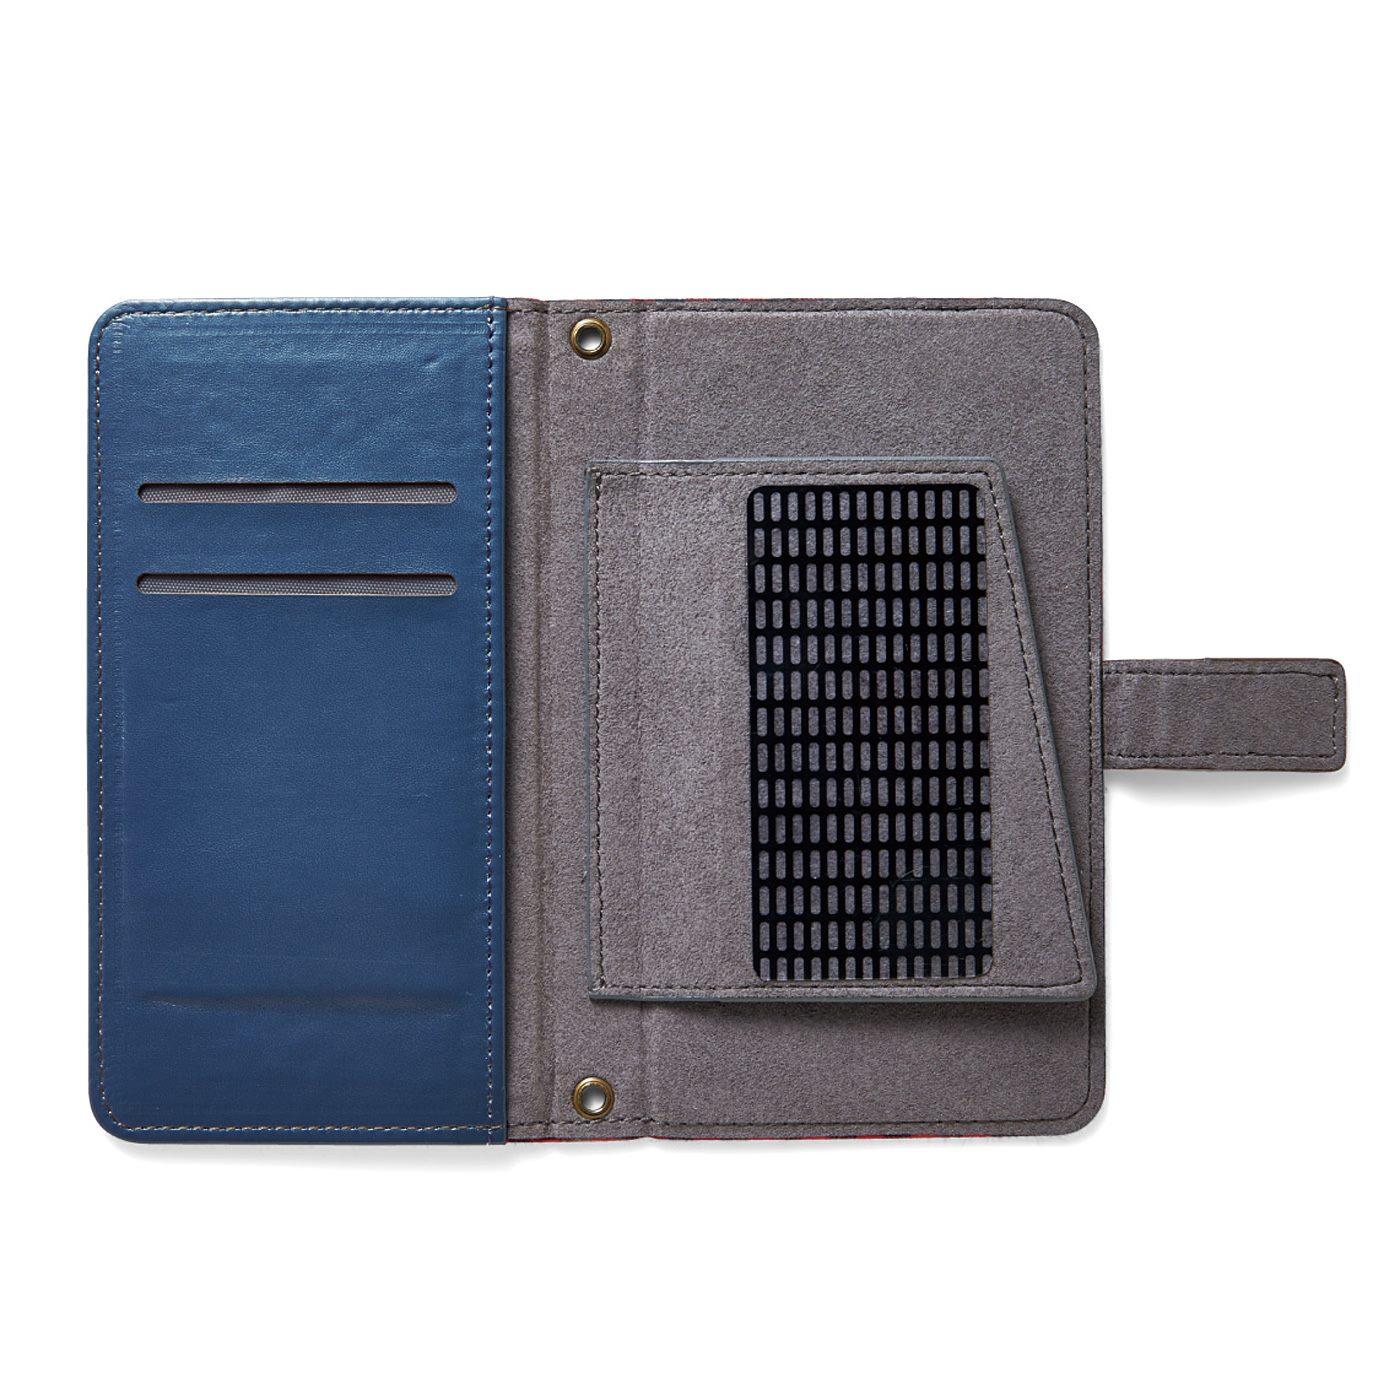 カードポケット2個とフリーポケット1個付き。